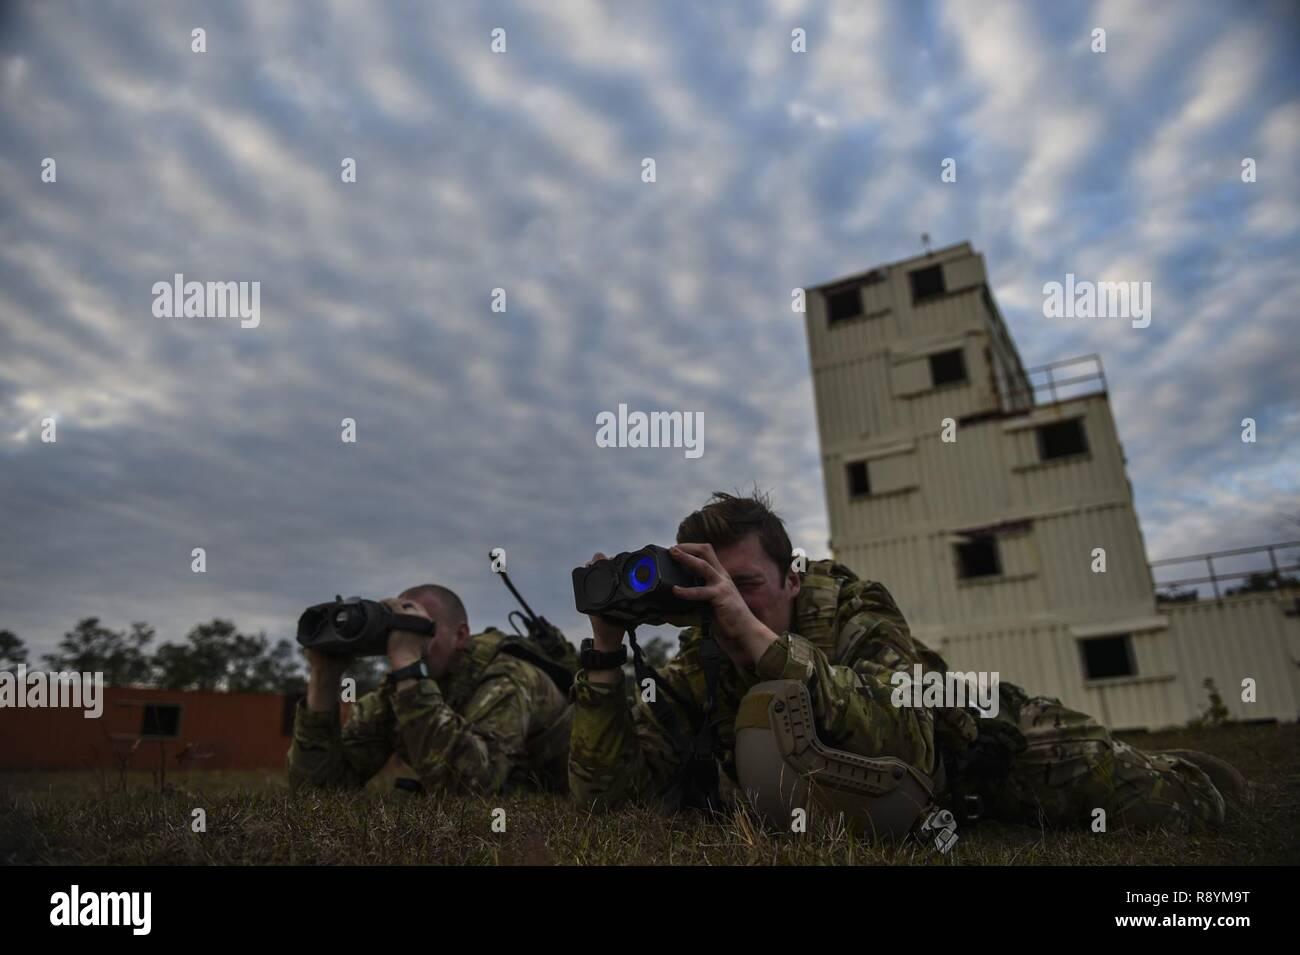 Entfernungsmesser Flugzeug : Soldaten die in den ersten bataillon 10 special forces group